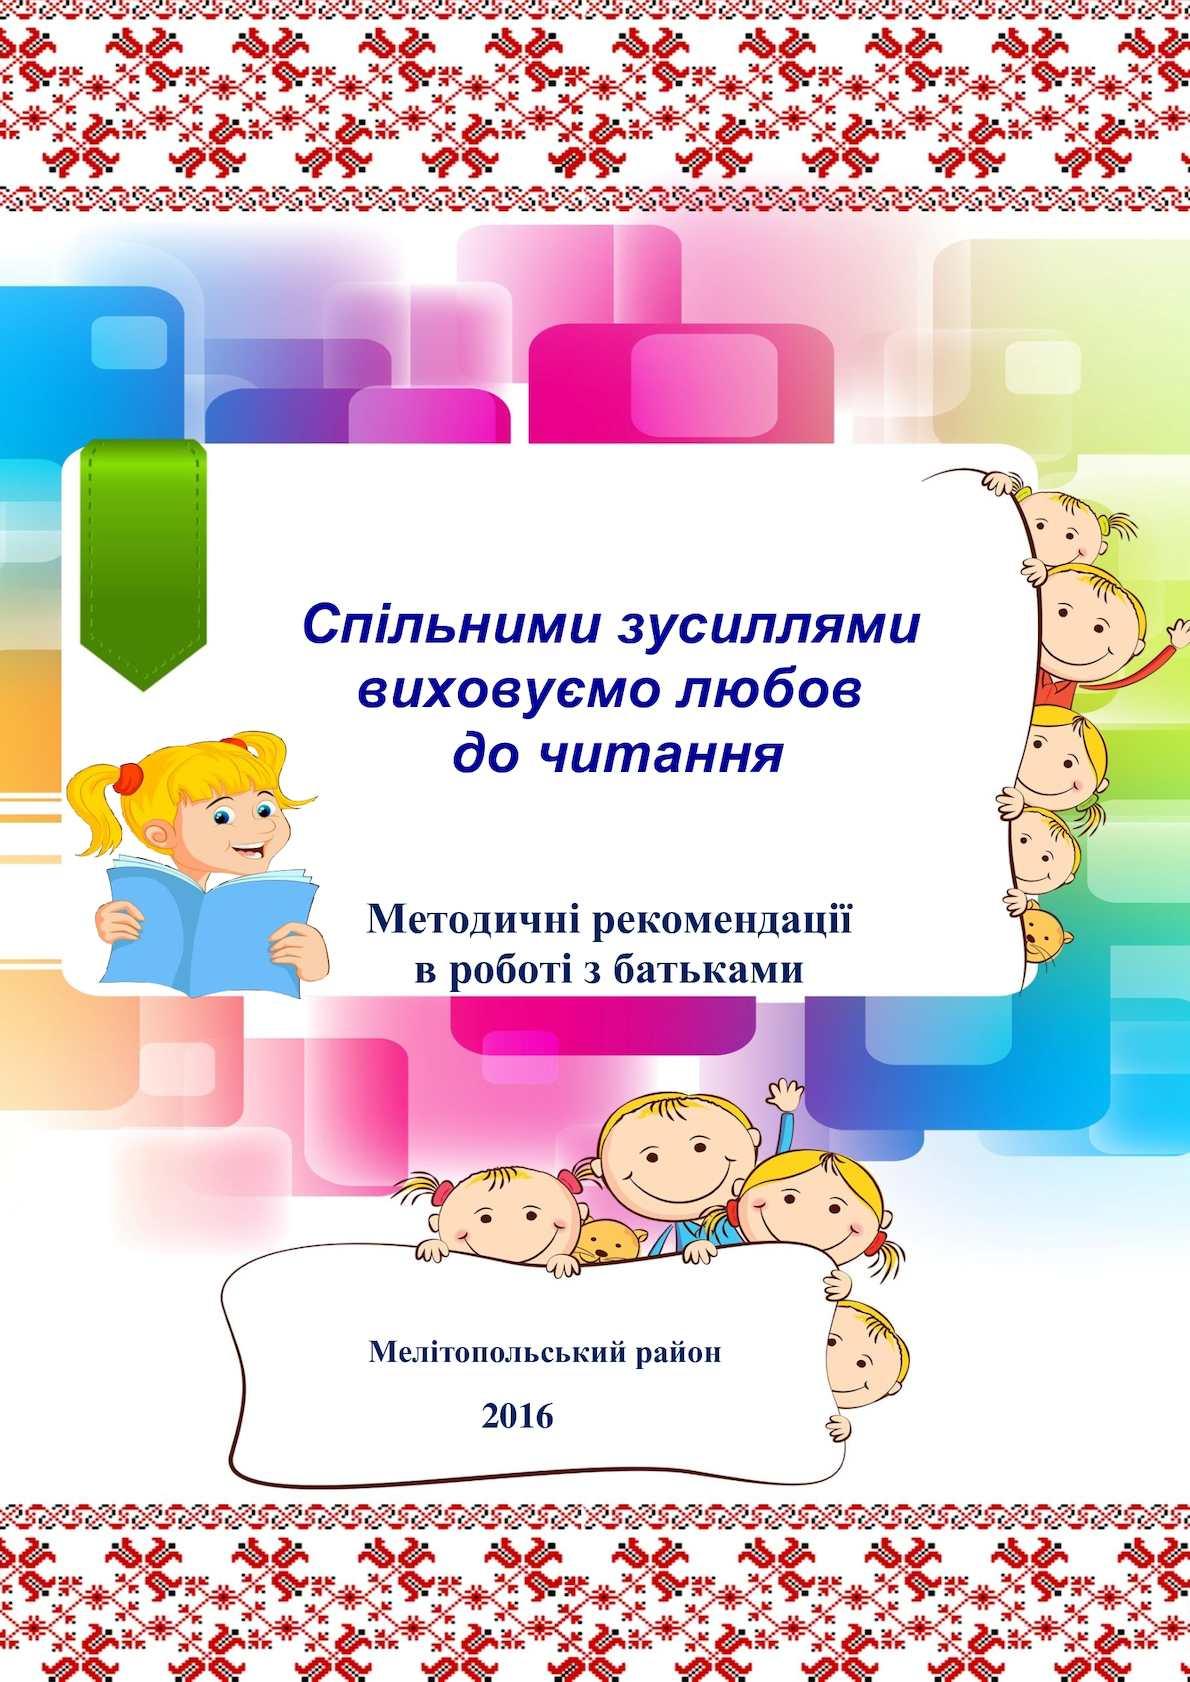 Calaméo - спільними зусилями виховуємо любов до читання посібник b8081d92c3387